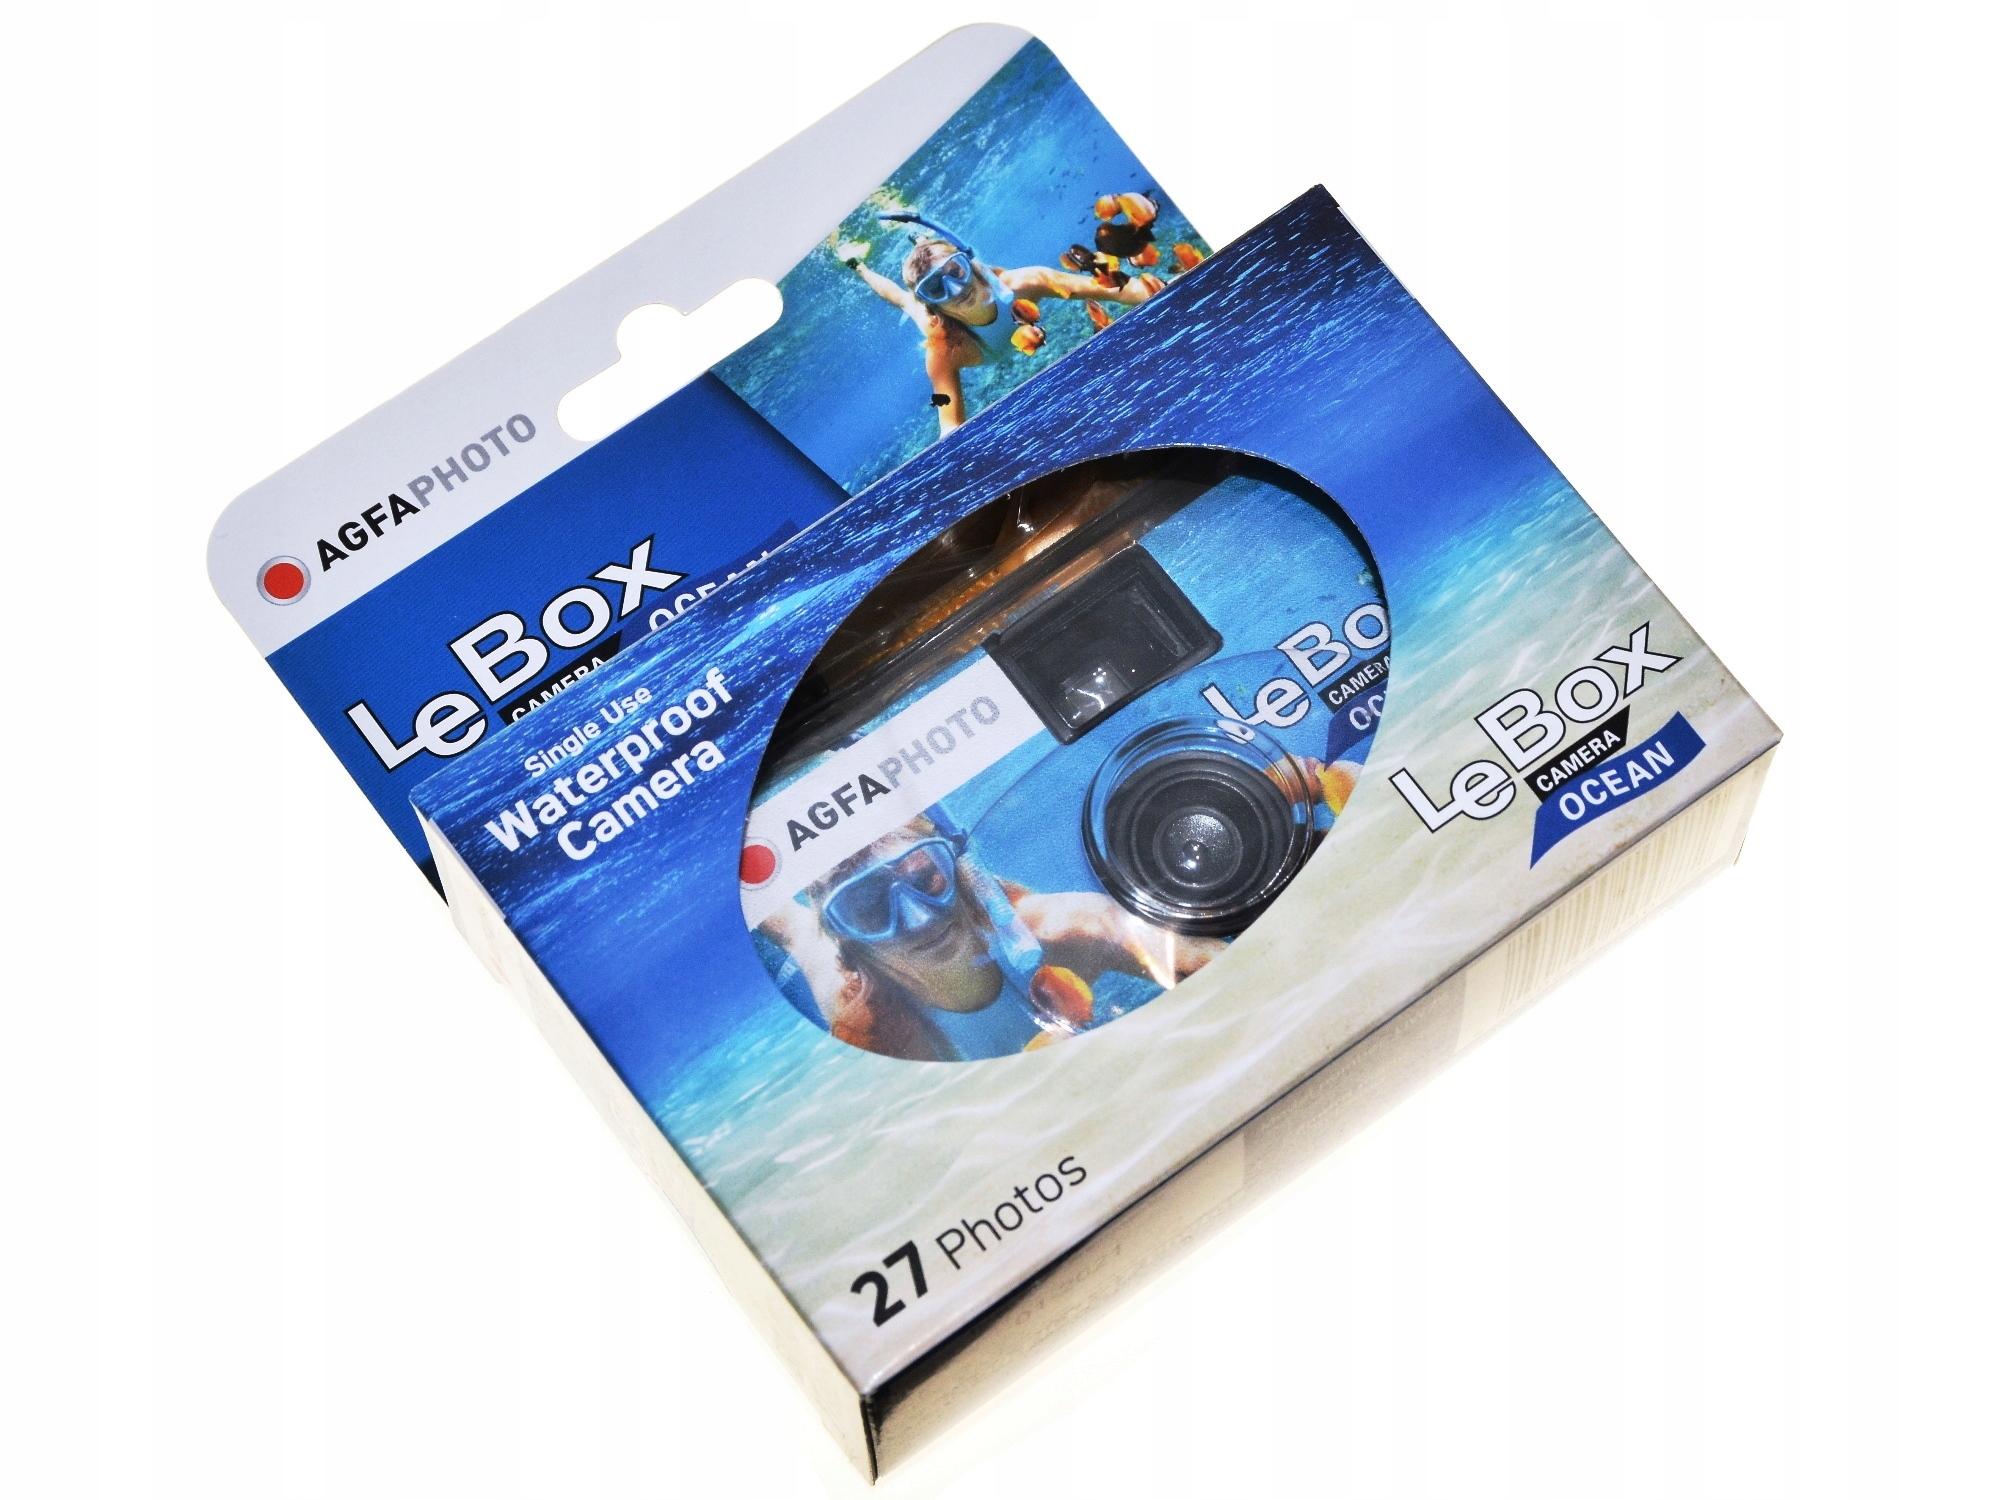 Jednorazový agfa lebox oceán pod vodou 400